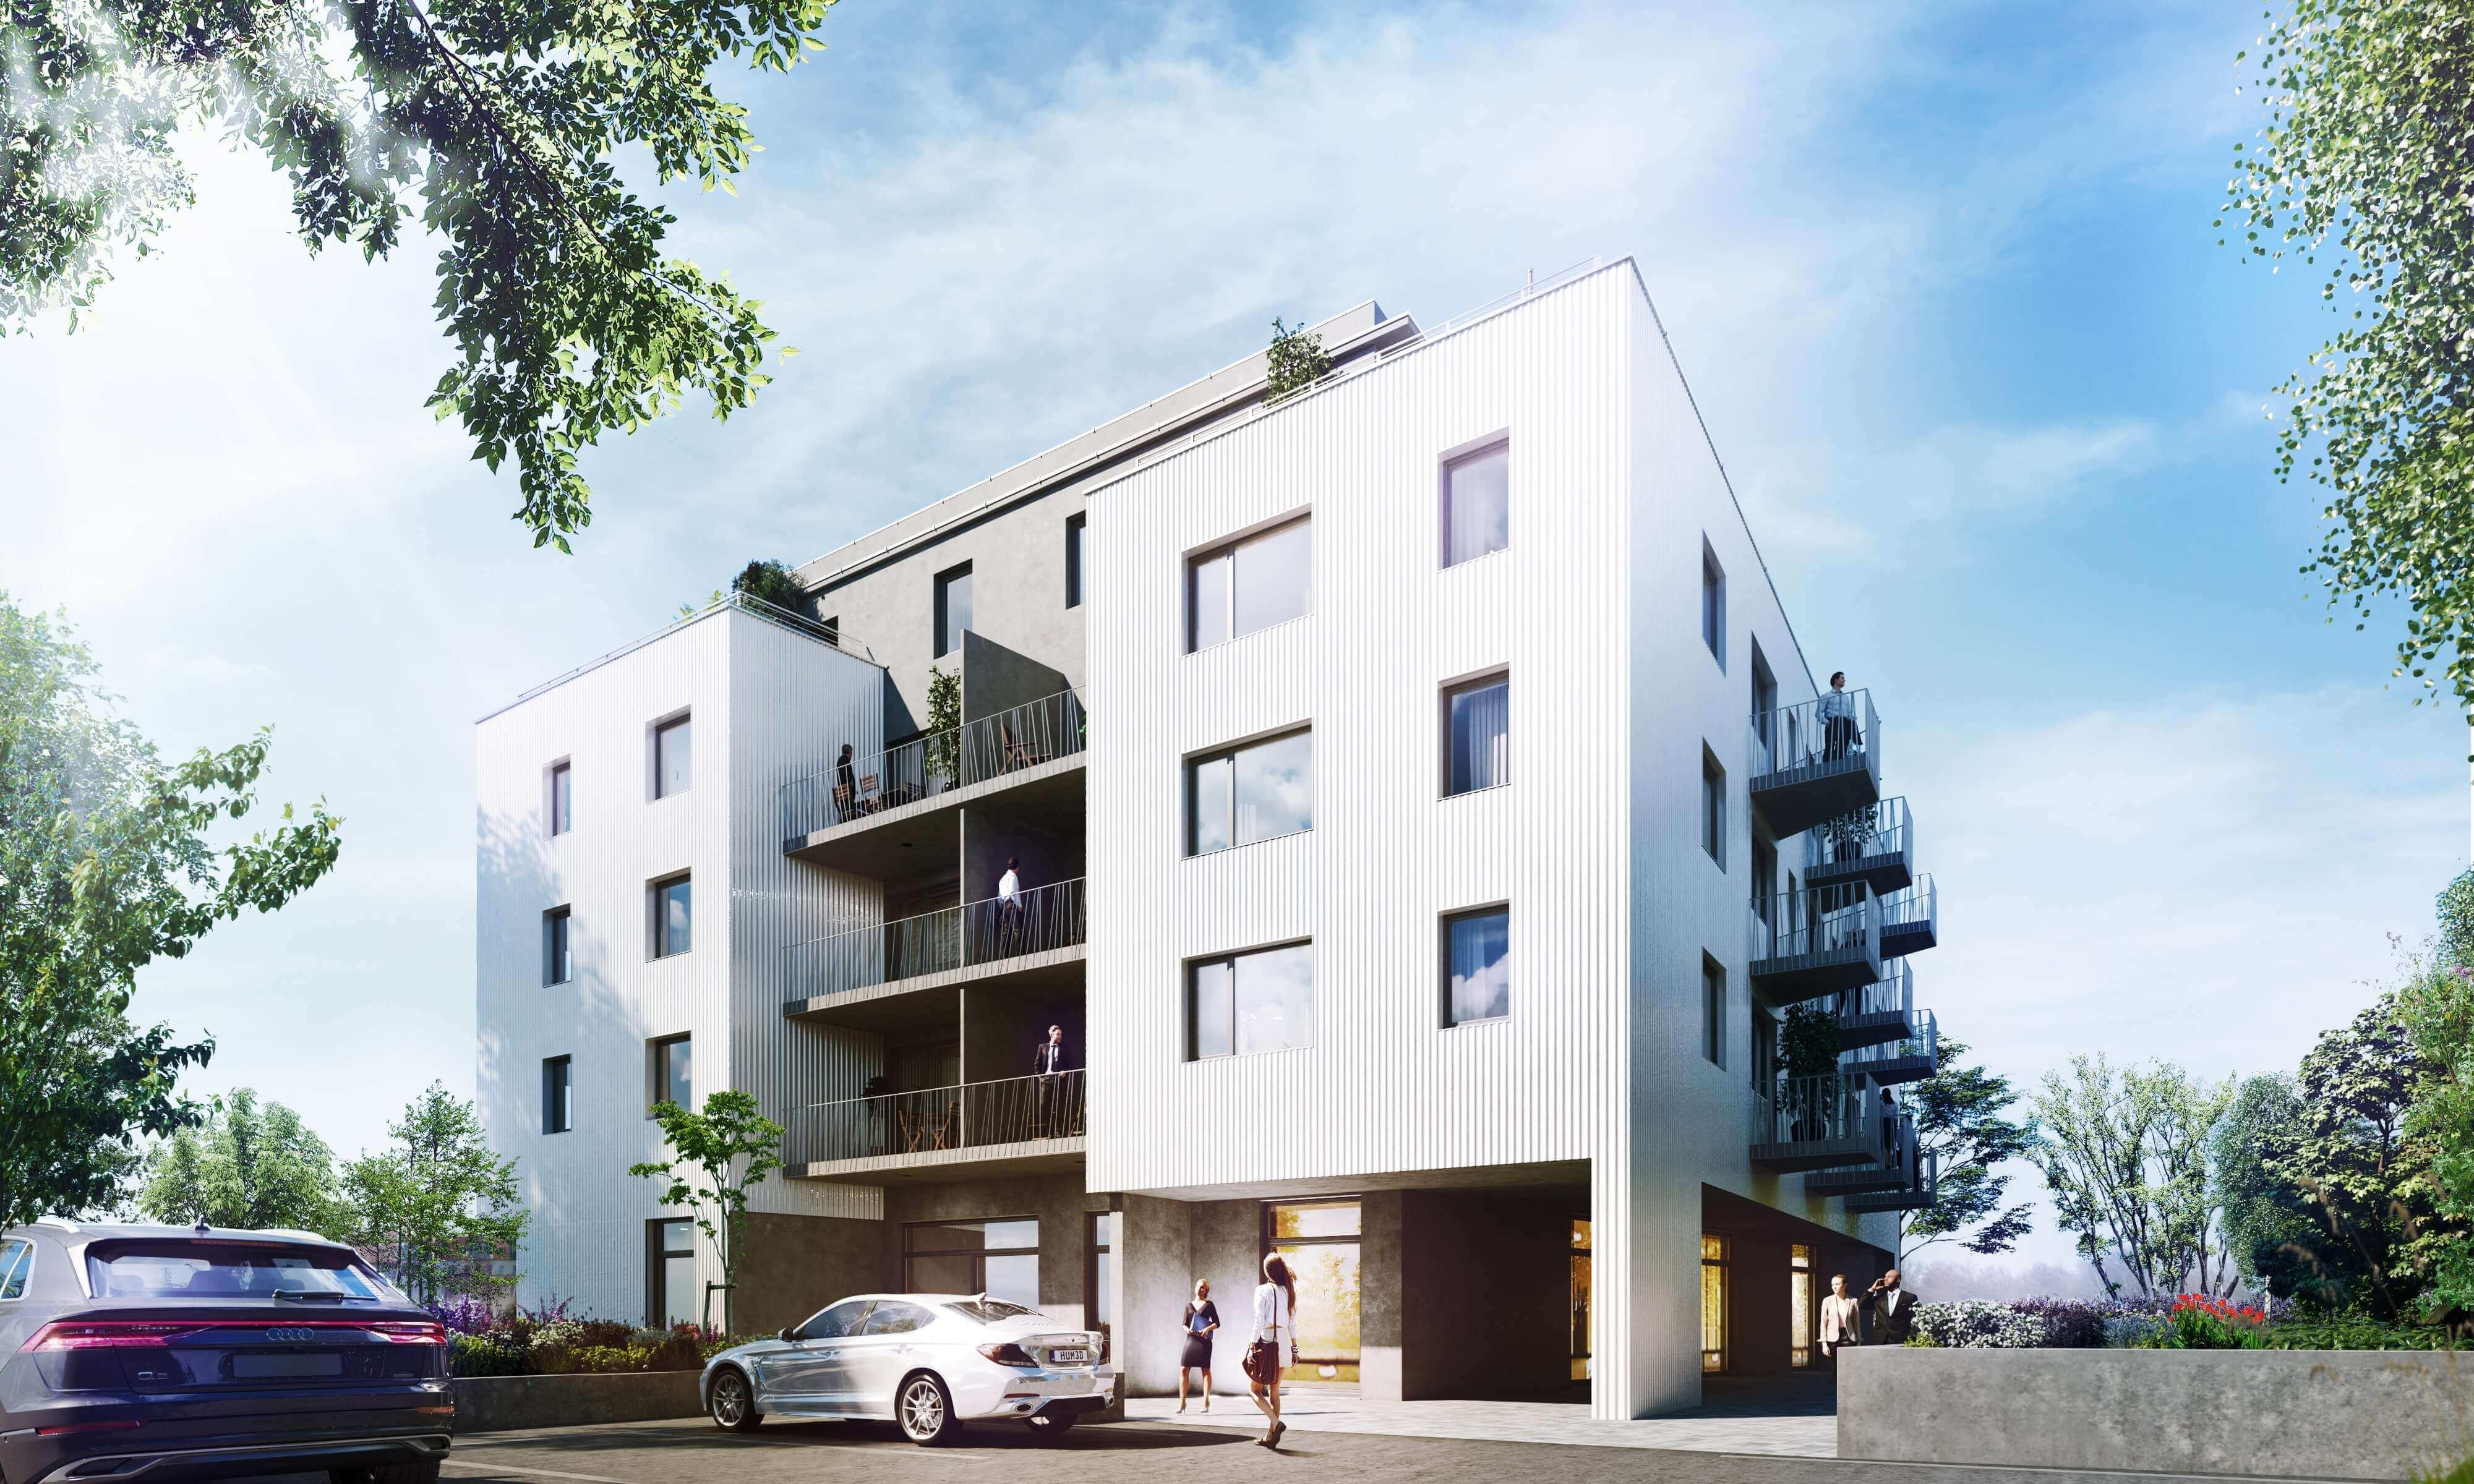 продажа квартир прага 9, новостройки прага, продажа квартир, прага, чехия, квартиры прага